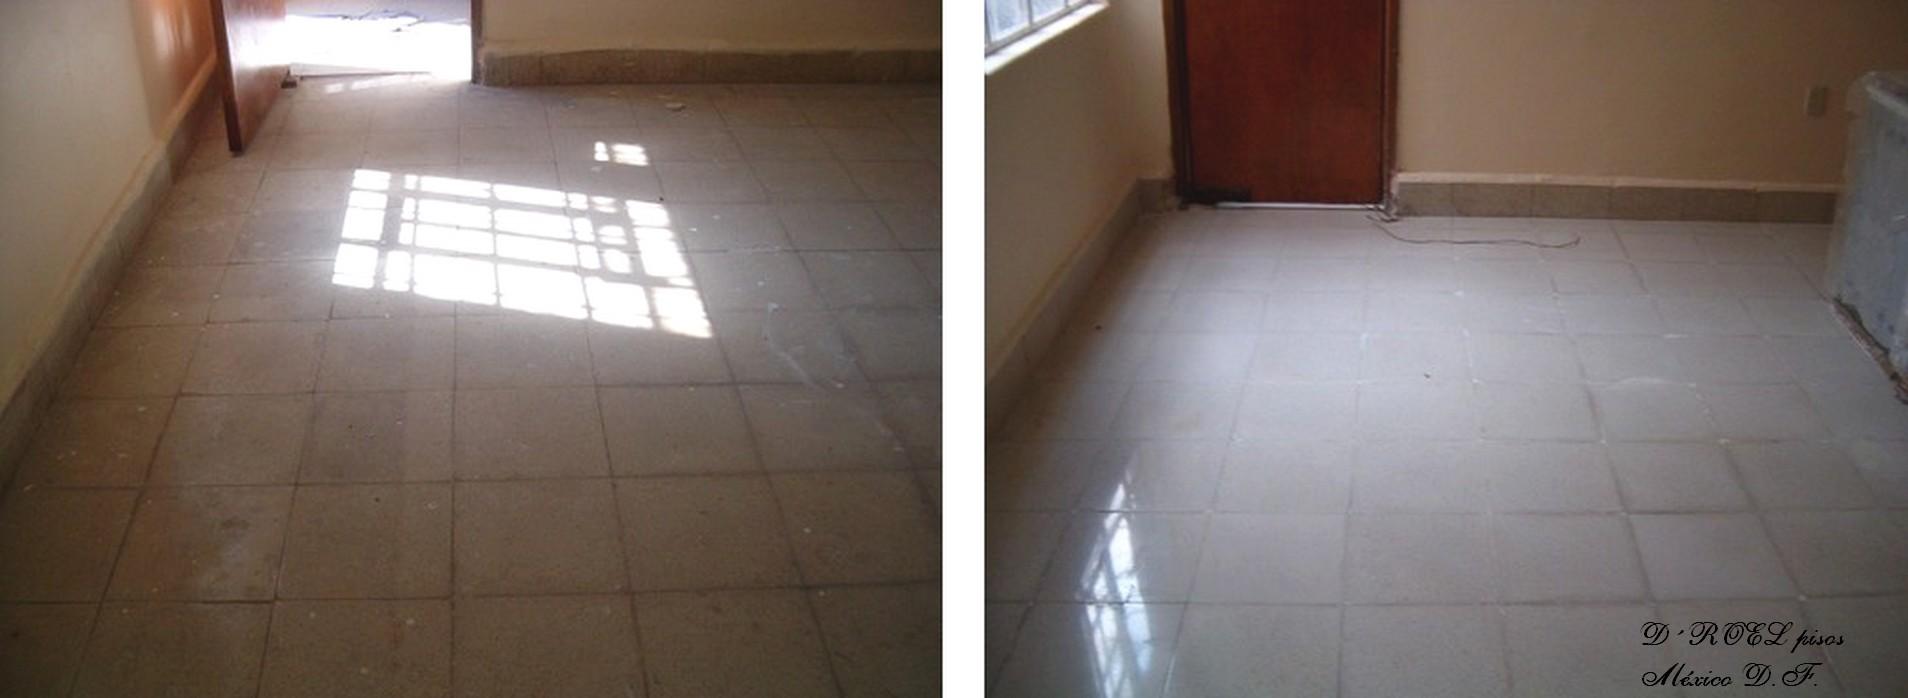 El aviso ha expirado 721301175 precio d m xico for Pulido de pisos de granito